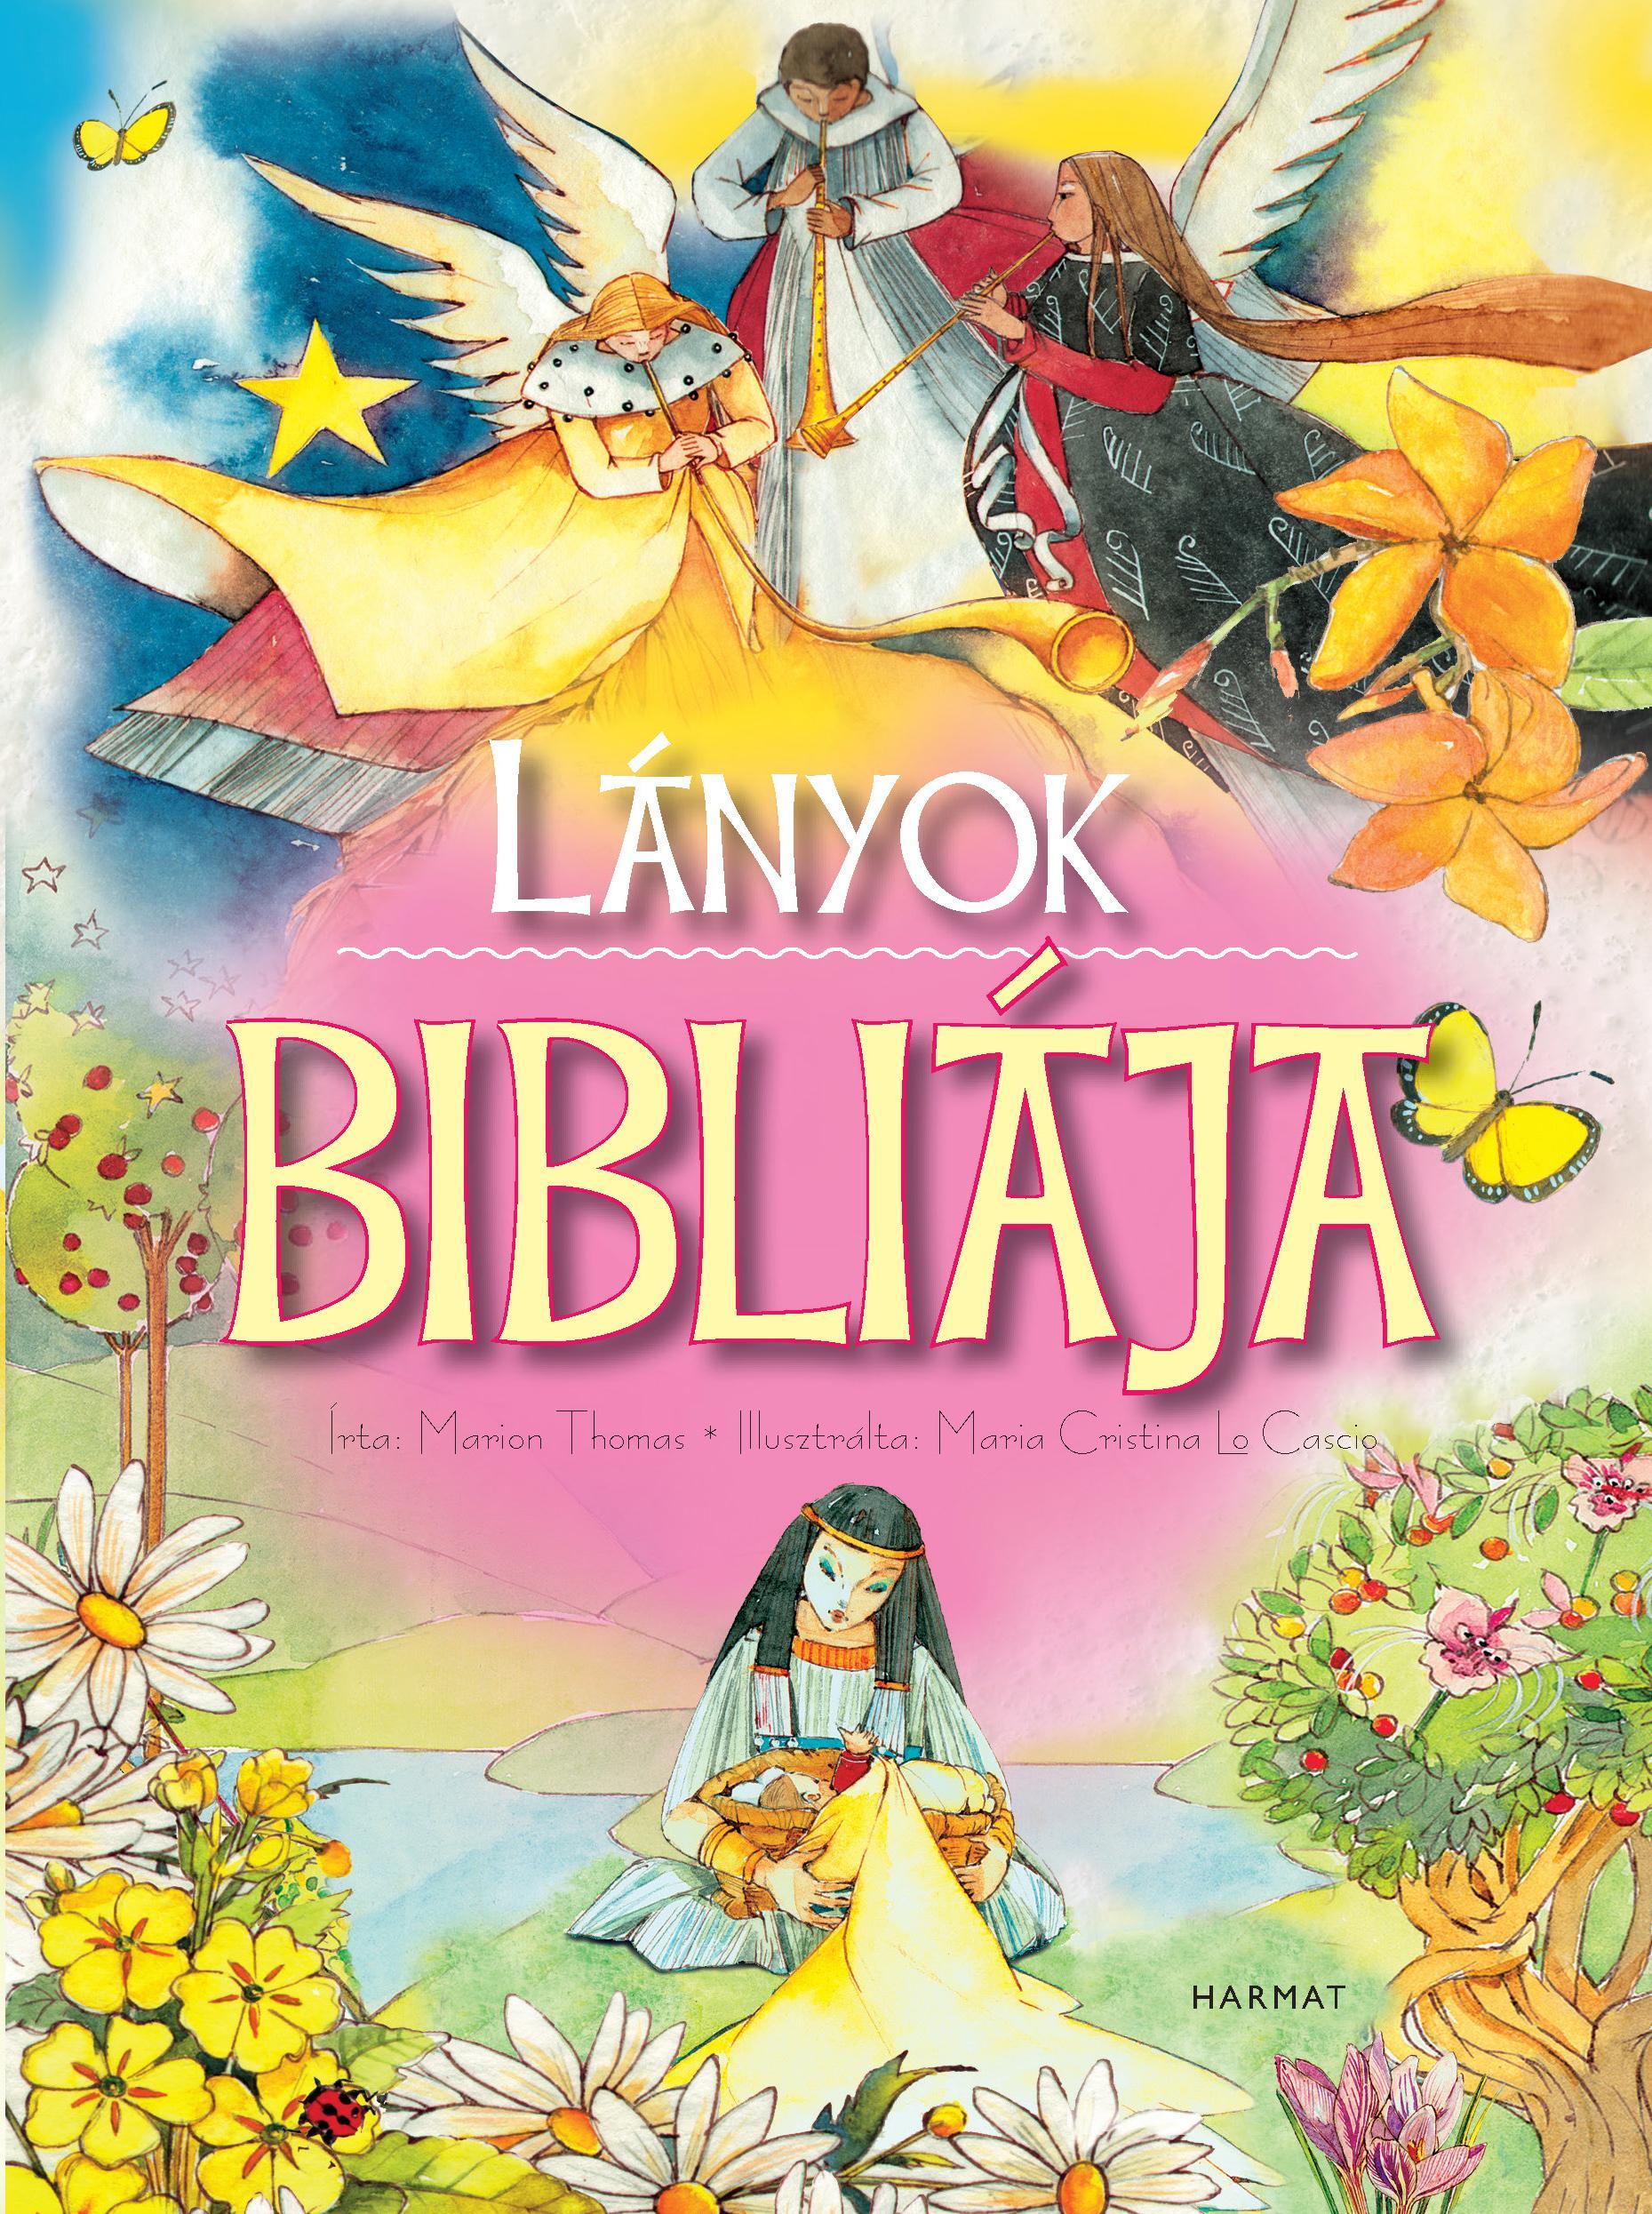 THOMAS, MARION - LÁNYOK BIBLIÁJA